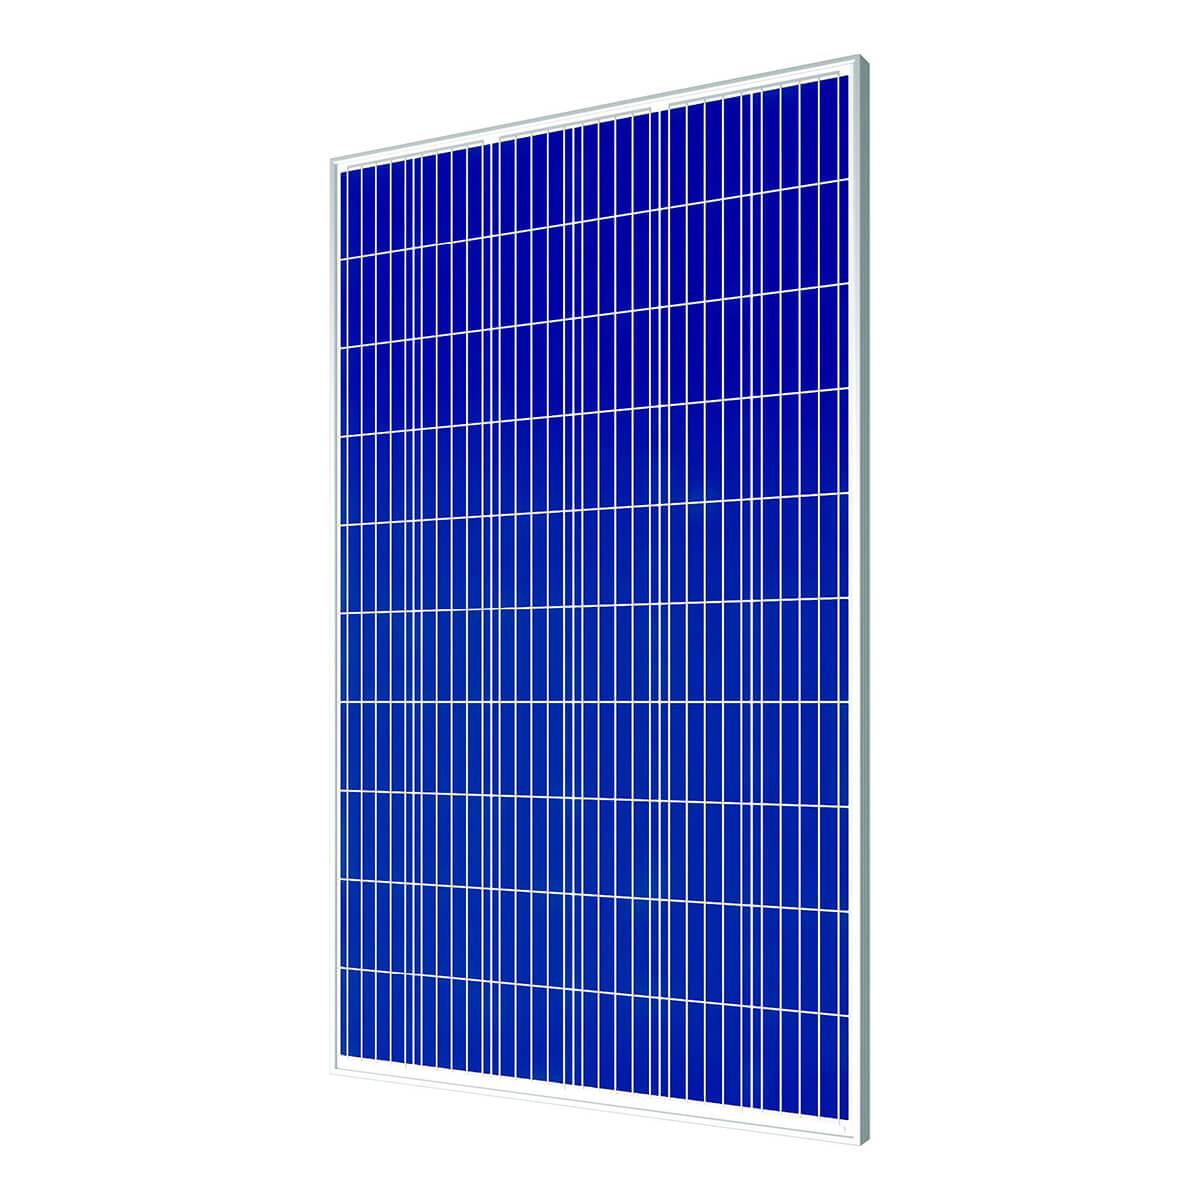 cw enerji 280W panel, cw enerji 280Watt panel, cw enerji 280 W panel, cw enerji 280 Watt panel, cw enerji 280 Watt polikristal panel, cw enerji 280 W watt gunes paneli, cw enerji 280 W watt polikristal gunes paneli, cw enerji 280 W Watt fotovoltaik polikristal solar panel, cw enerji 280W polikristal gunes enerjisi, cw enerji CWT280-60P-280 panel, CW Enerji 280 WATT